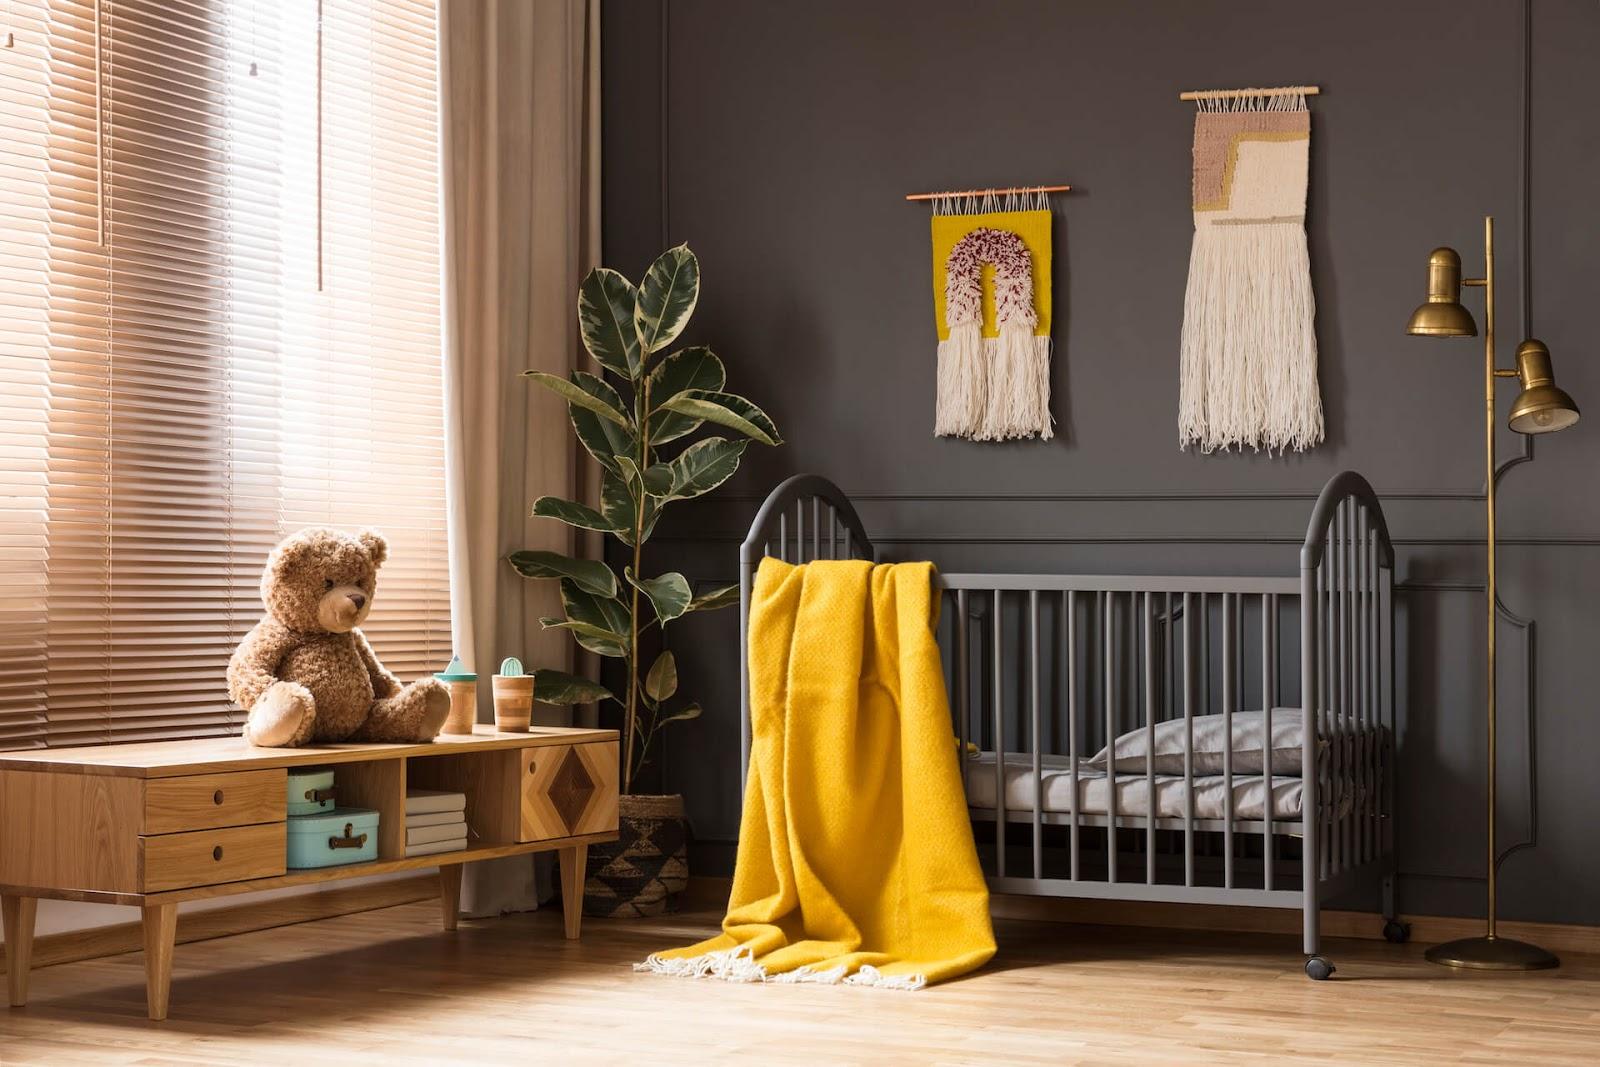 Room painted black